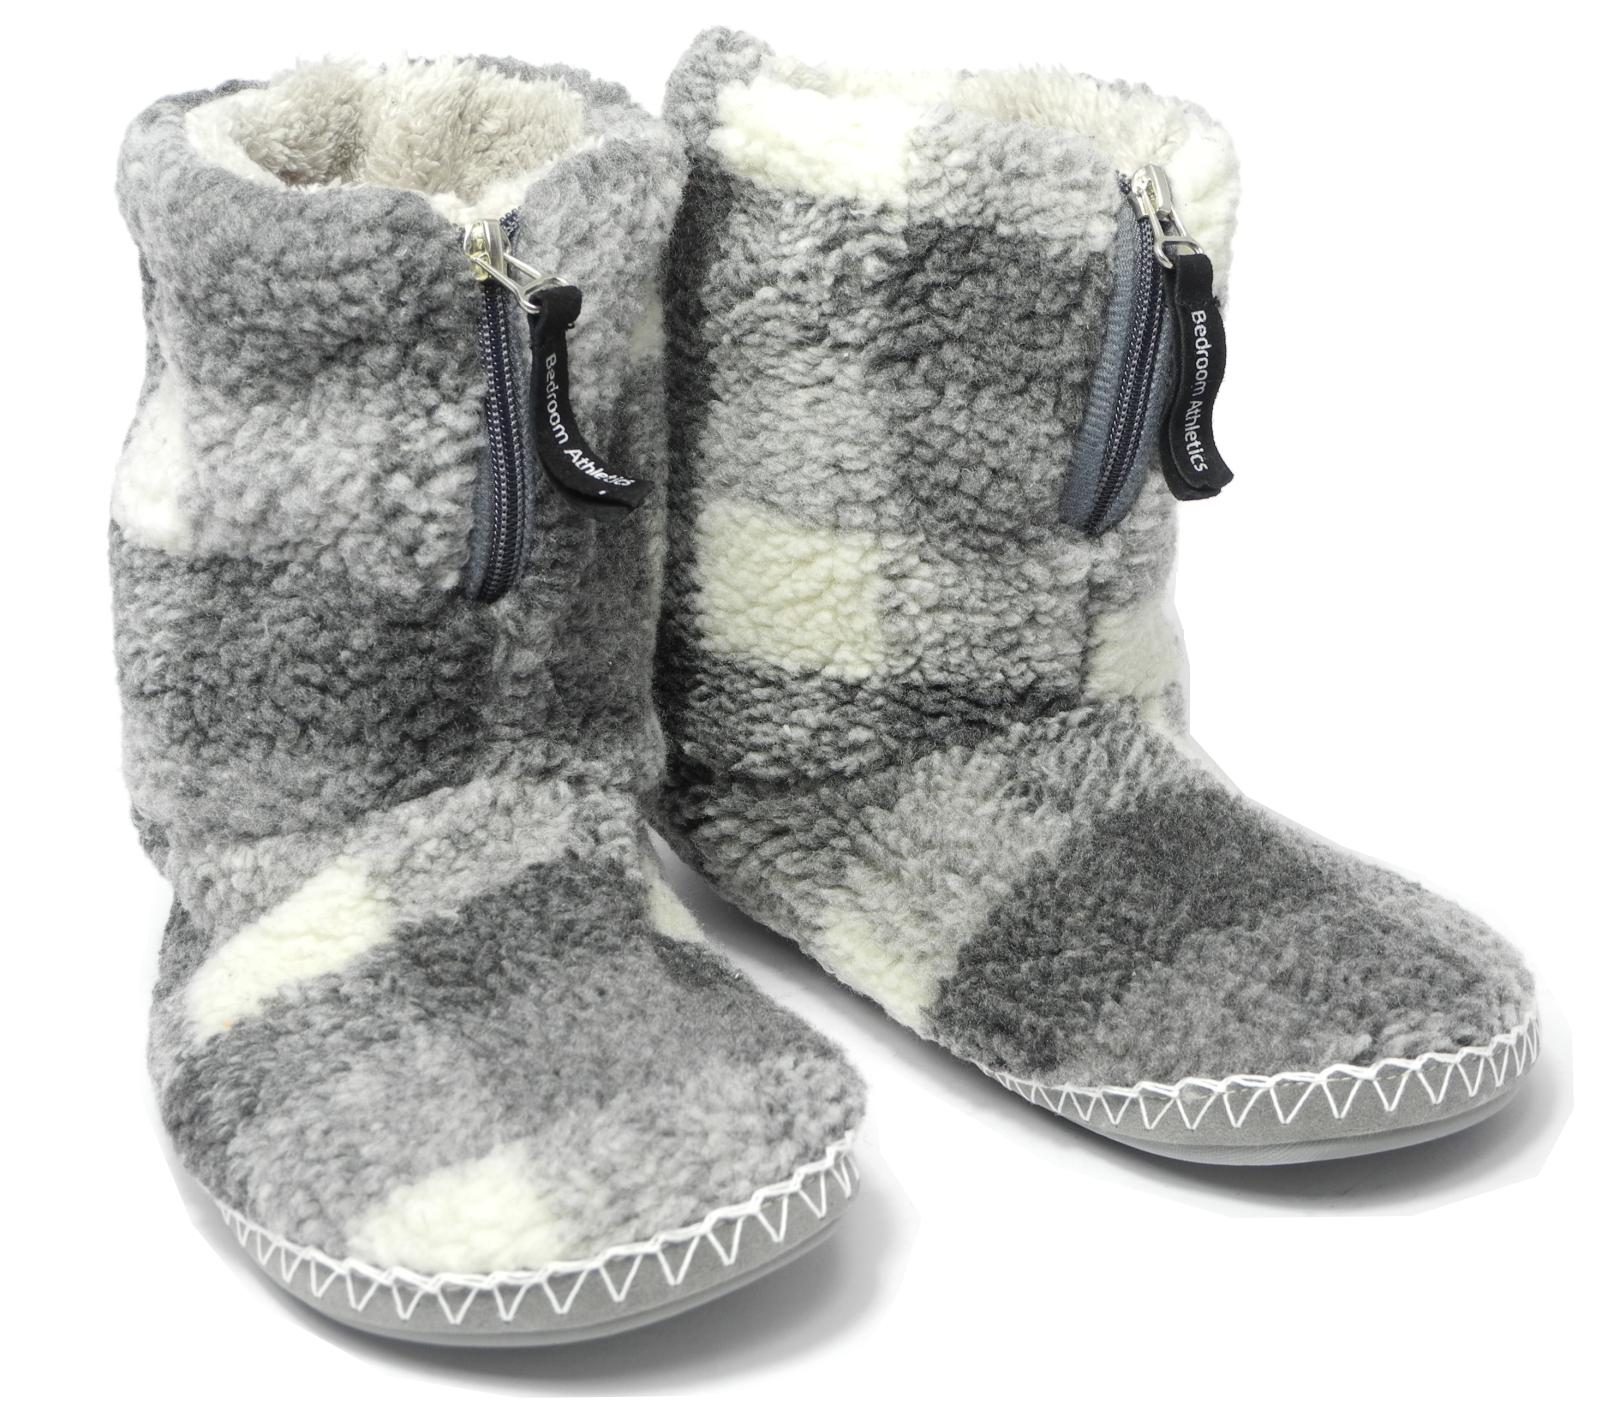 slipper can en details shop bedroom z women a viewfull s brands athletics contemporaine quick mule gwen designer